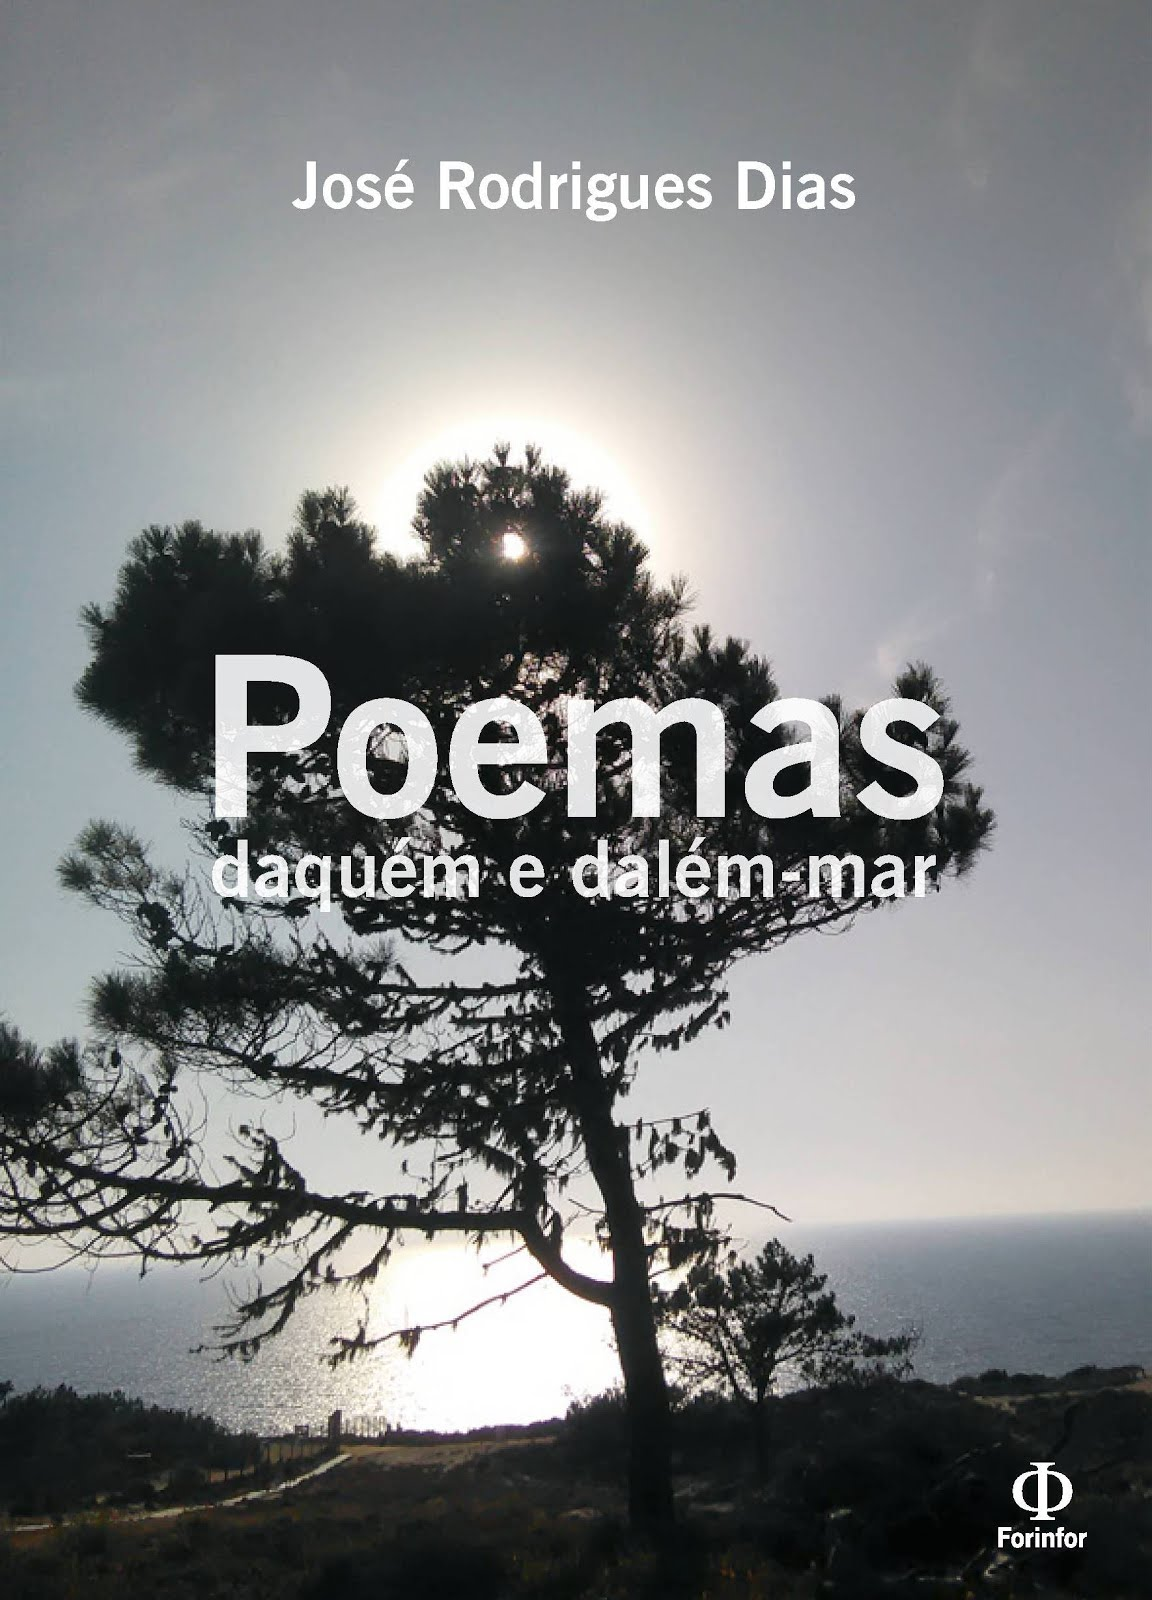 Quinto livro de Poesia